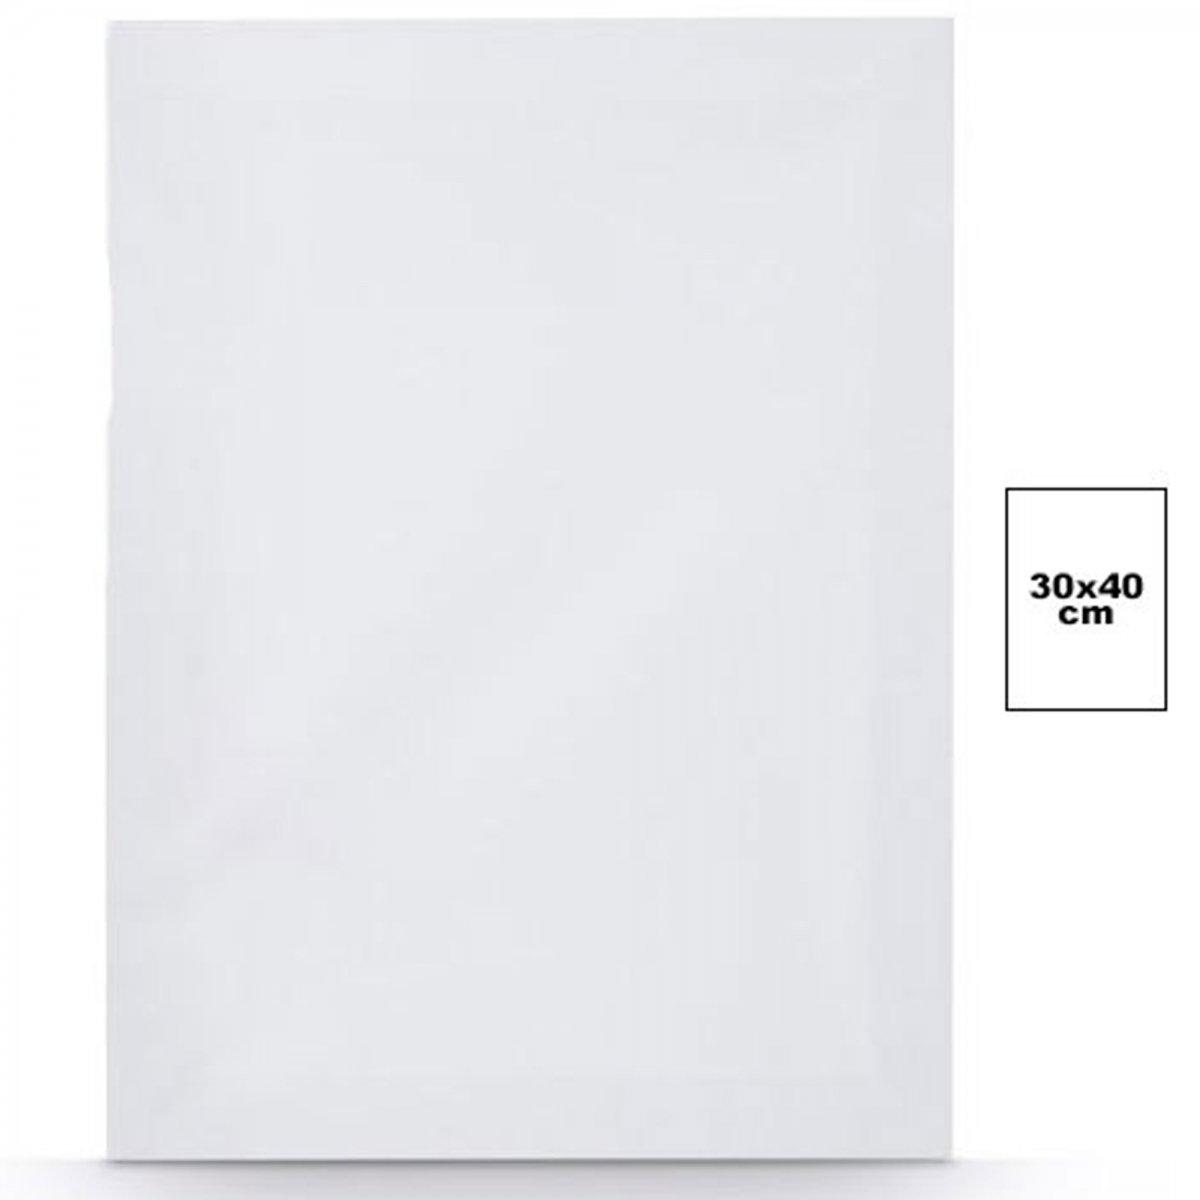 TrAdE shop Traesio Tela per DIPINGERE Canvas Rettangolare 30X40 CM Artico Disegno Arte Pittura